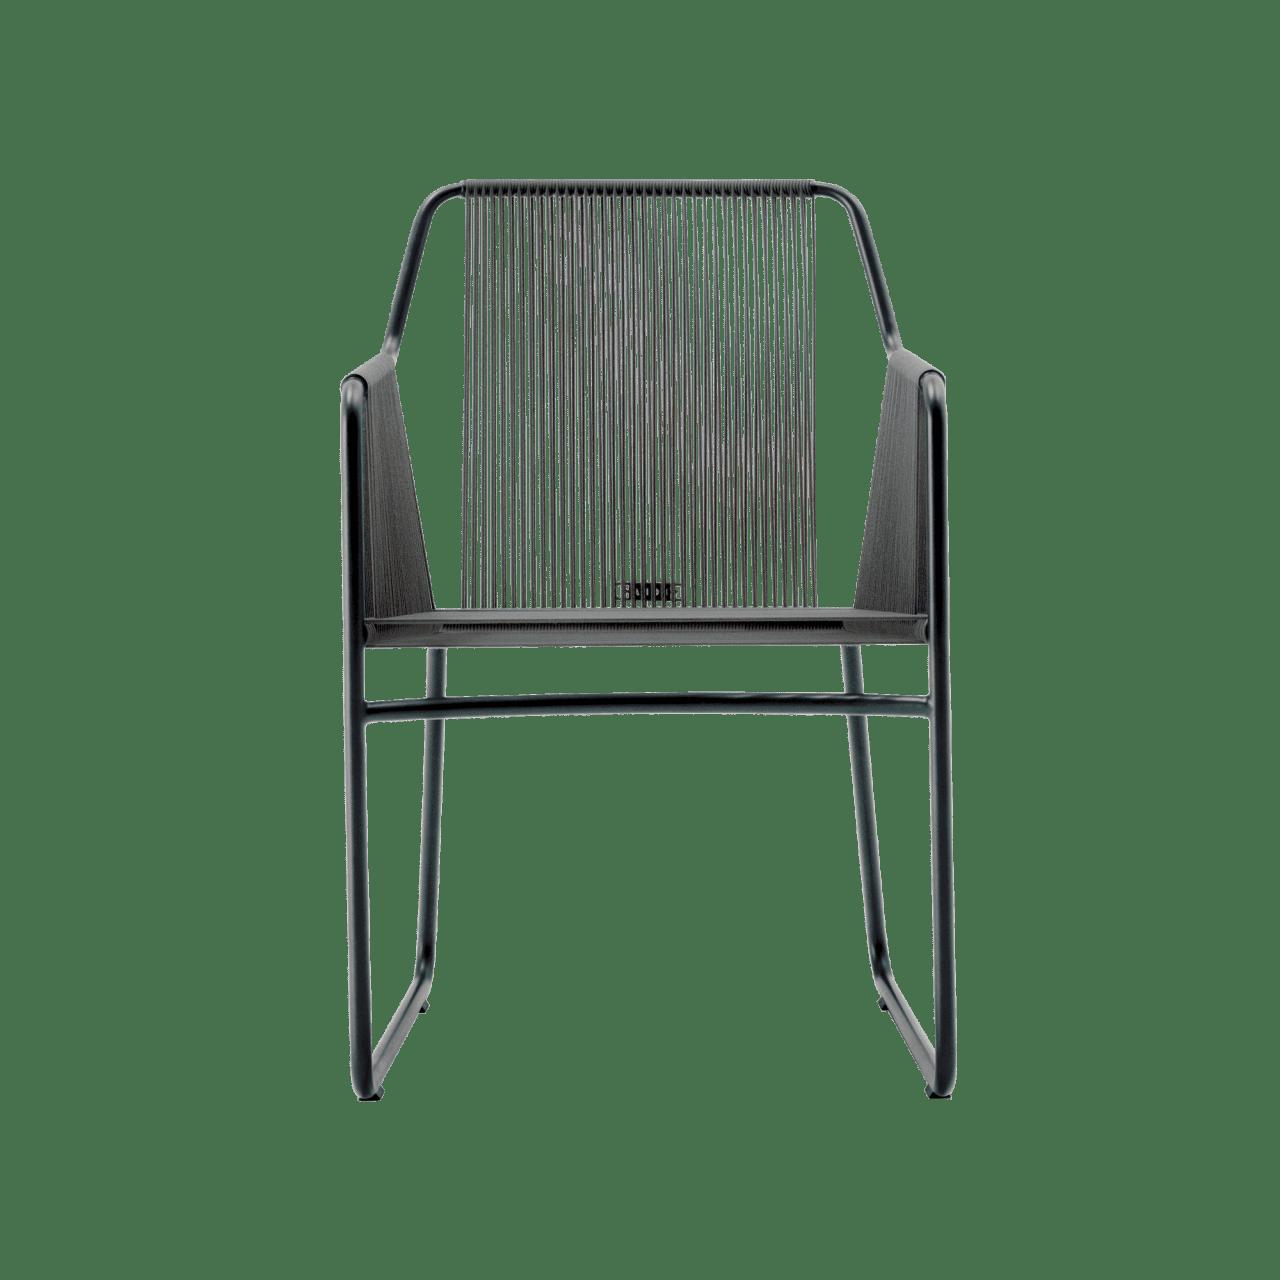 Harp 359 Outdoor Armlehnstuhl